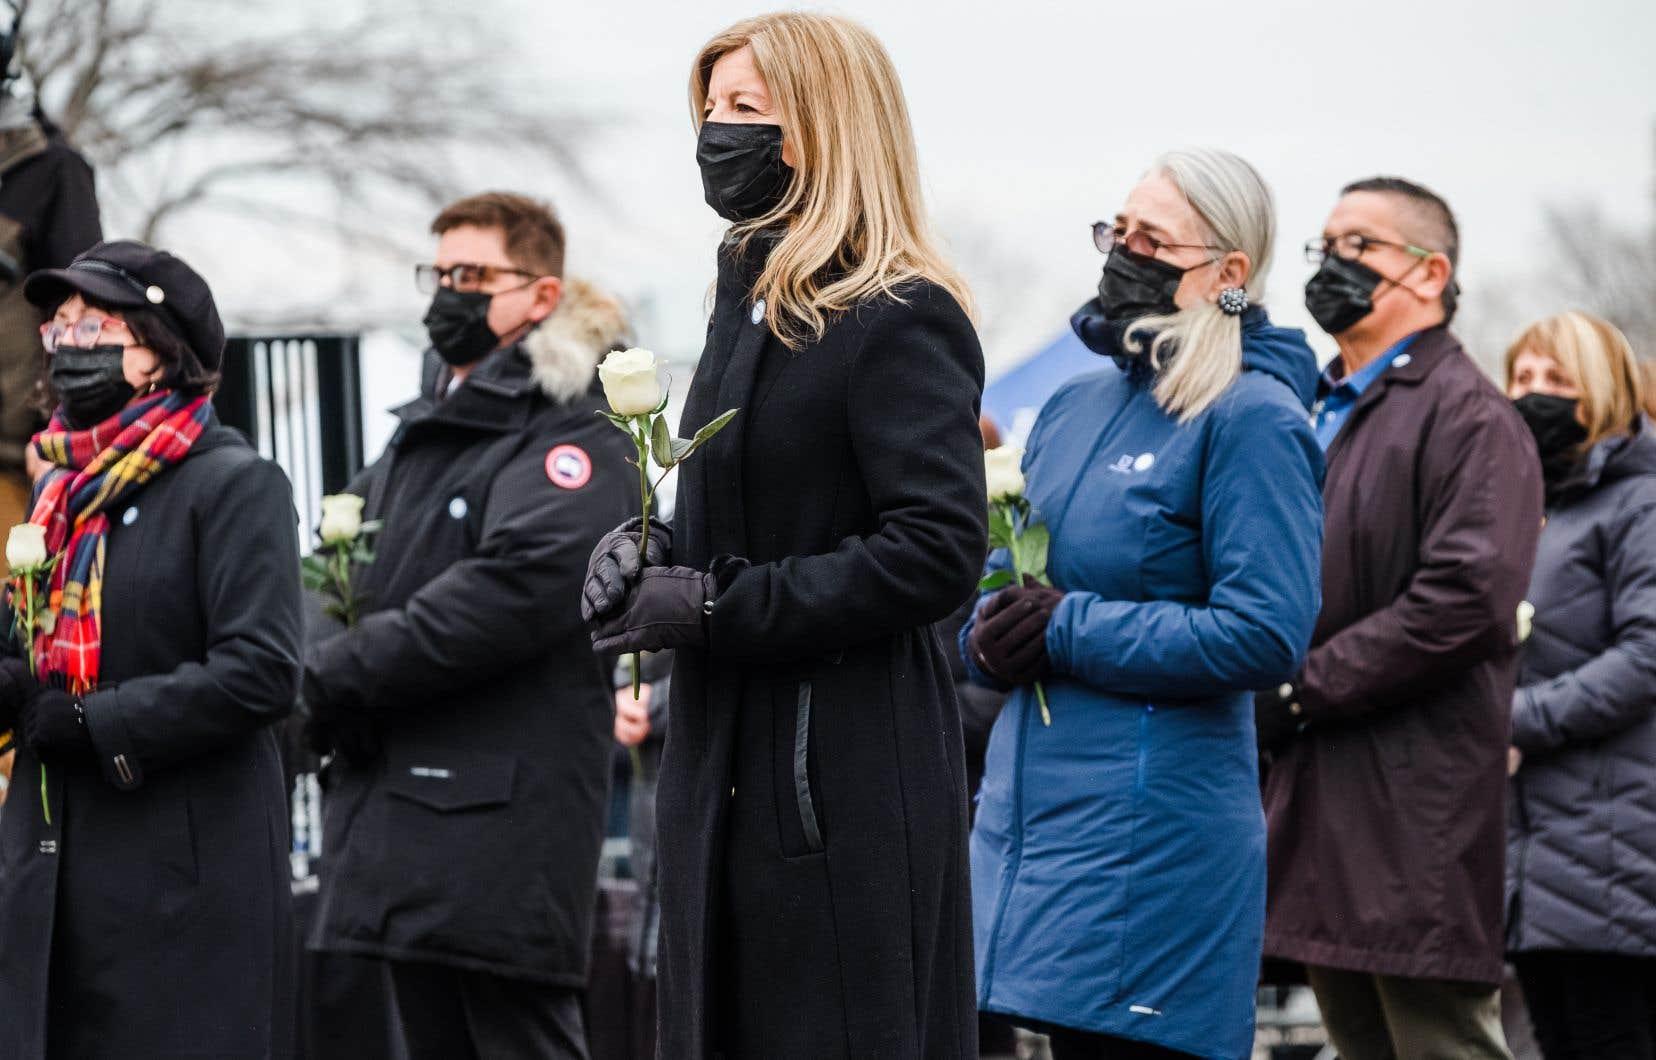 Le temps était gris et la pandémie forçait la dispersion des quelques dizaines de personnes venues assister à la Journée de commémoration nationale en mémoire des victimes de la COVID-19.